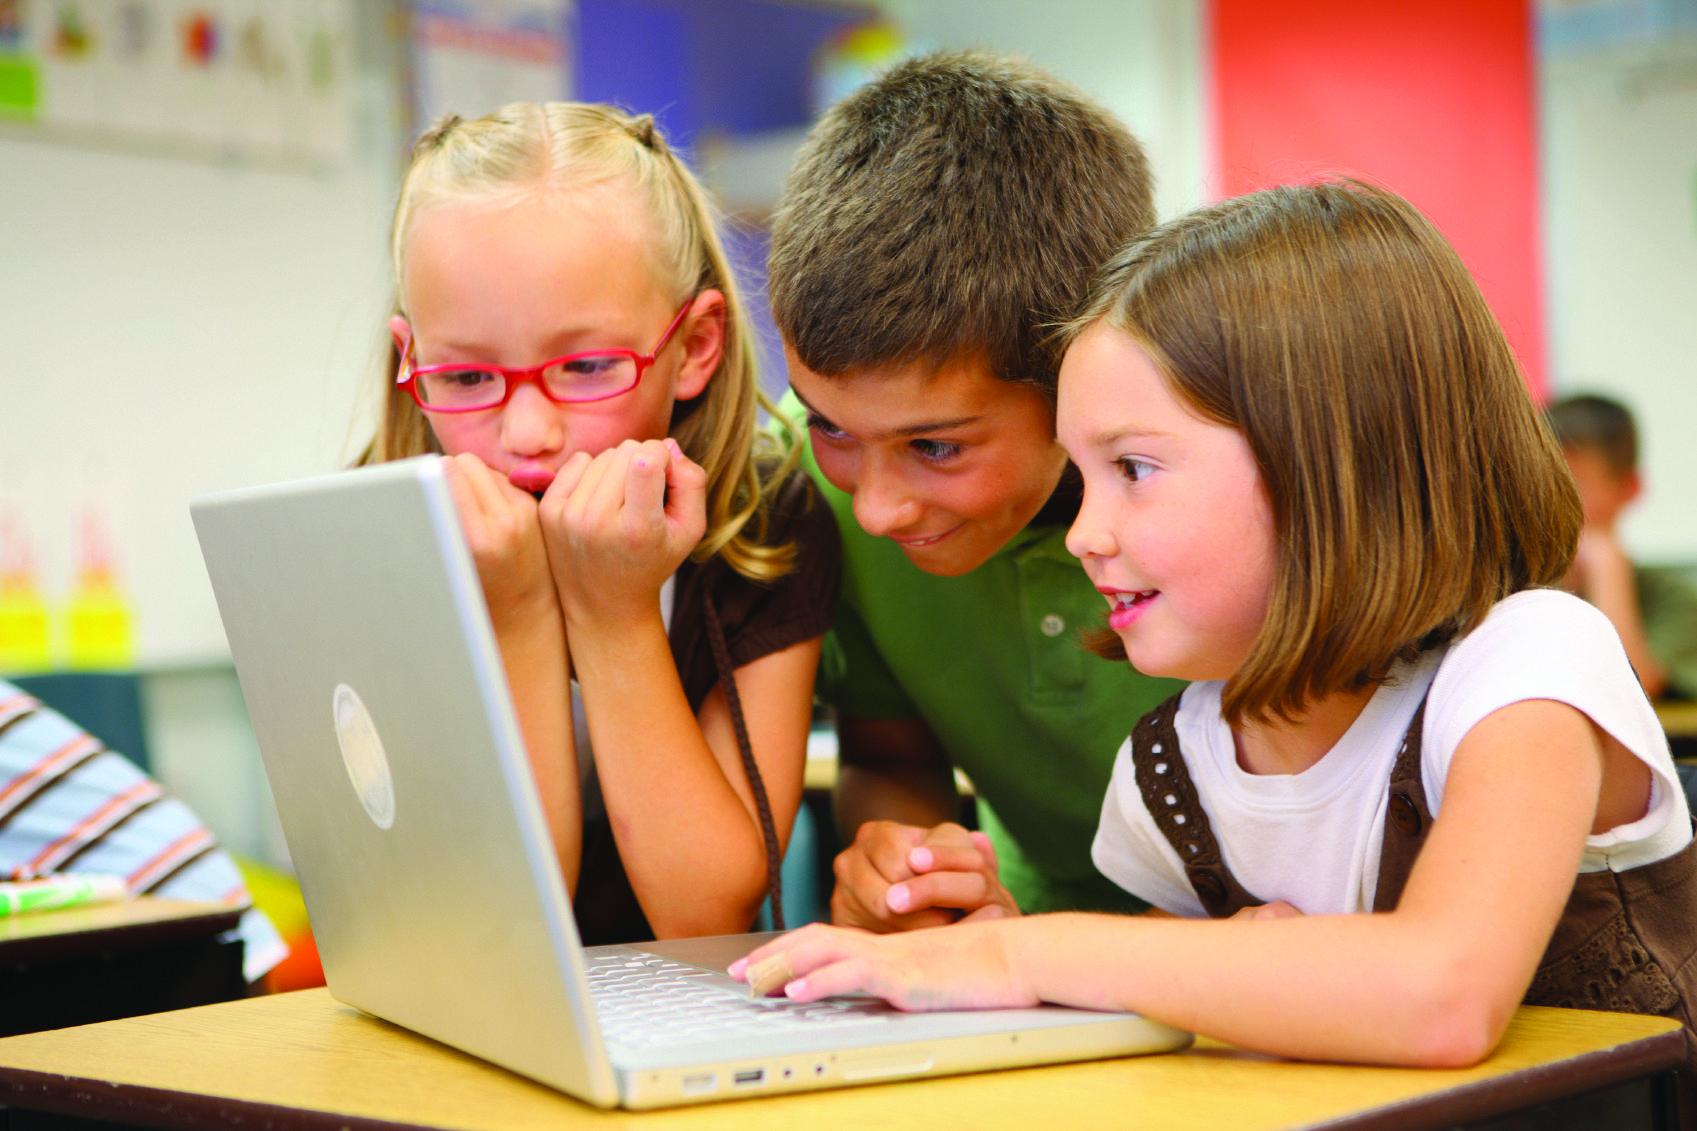 medios-sociales-y-niños-II